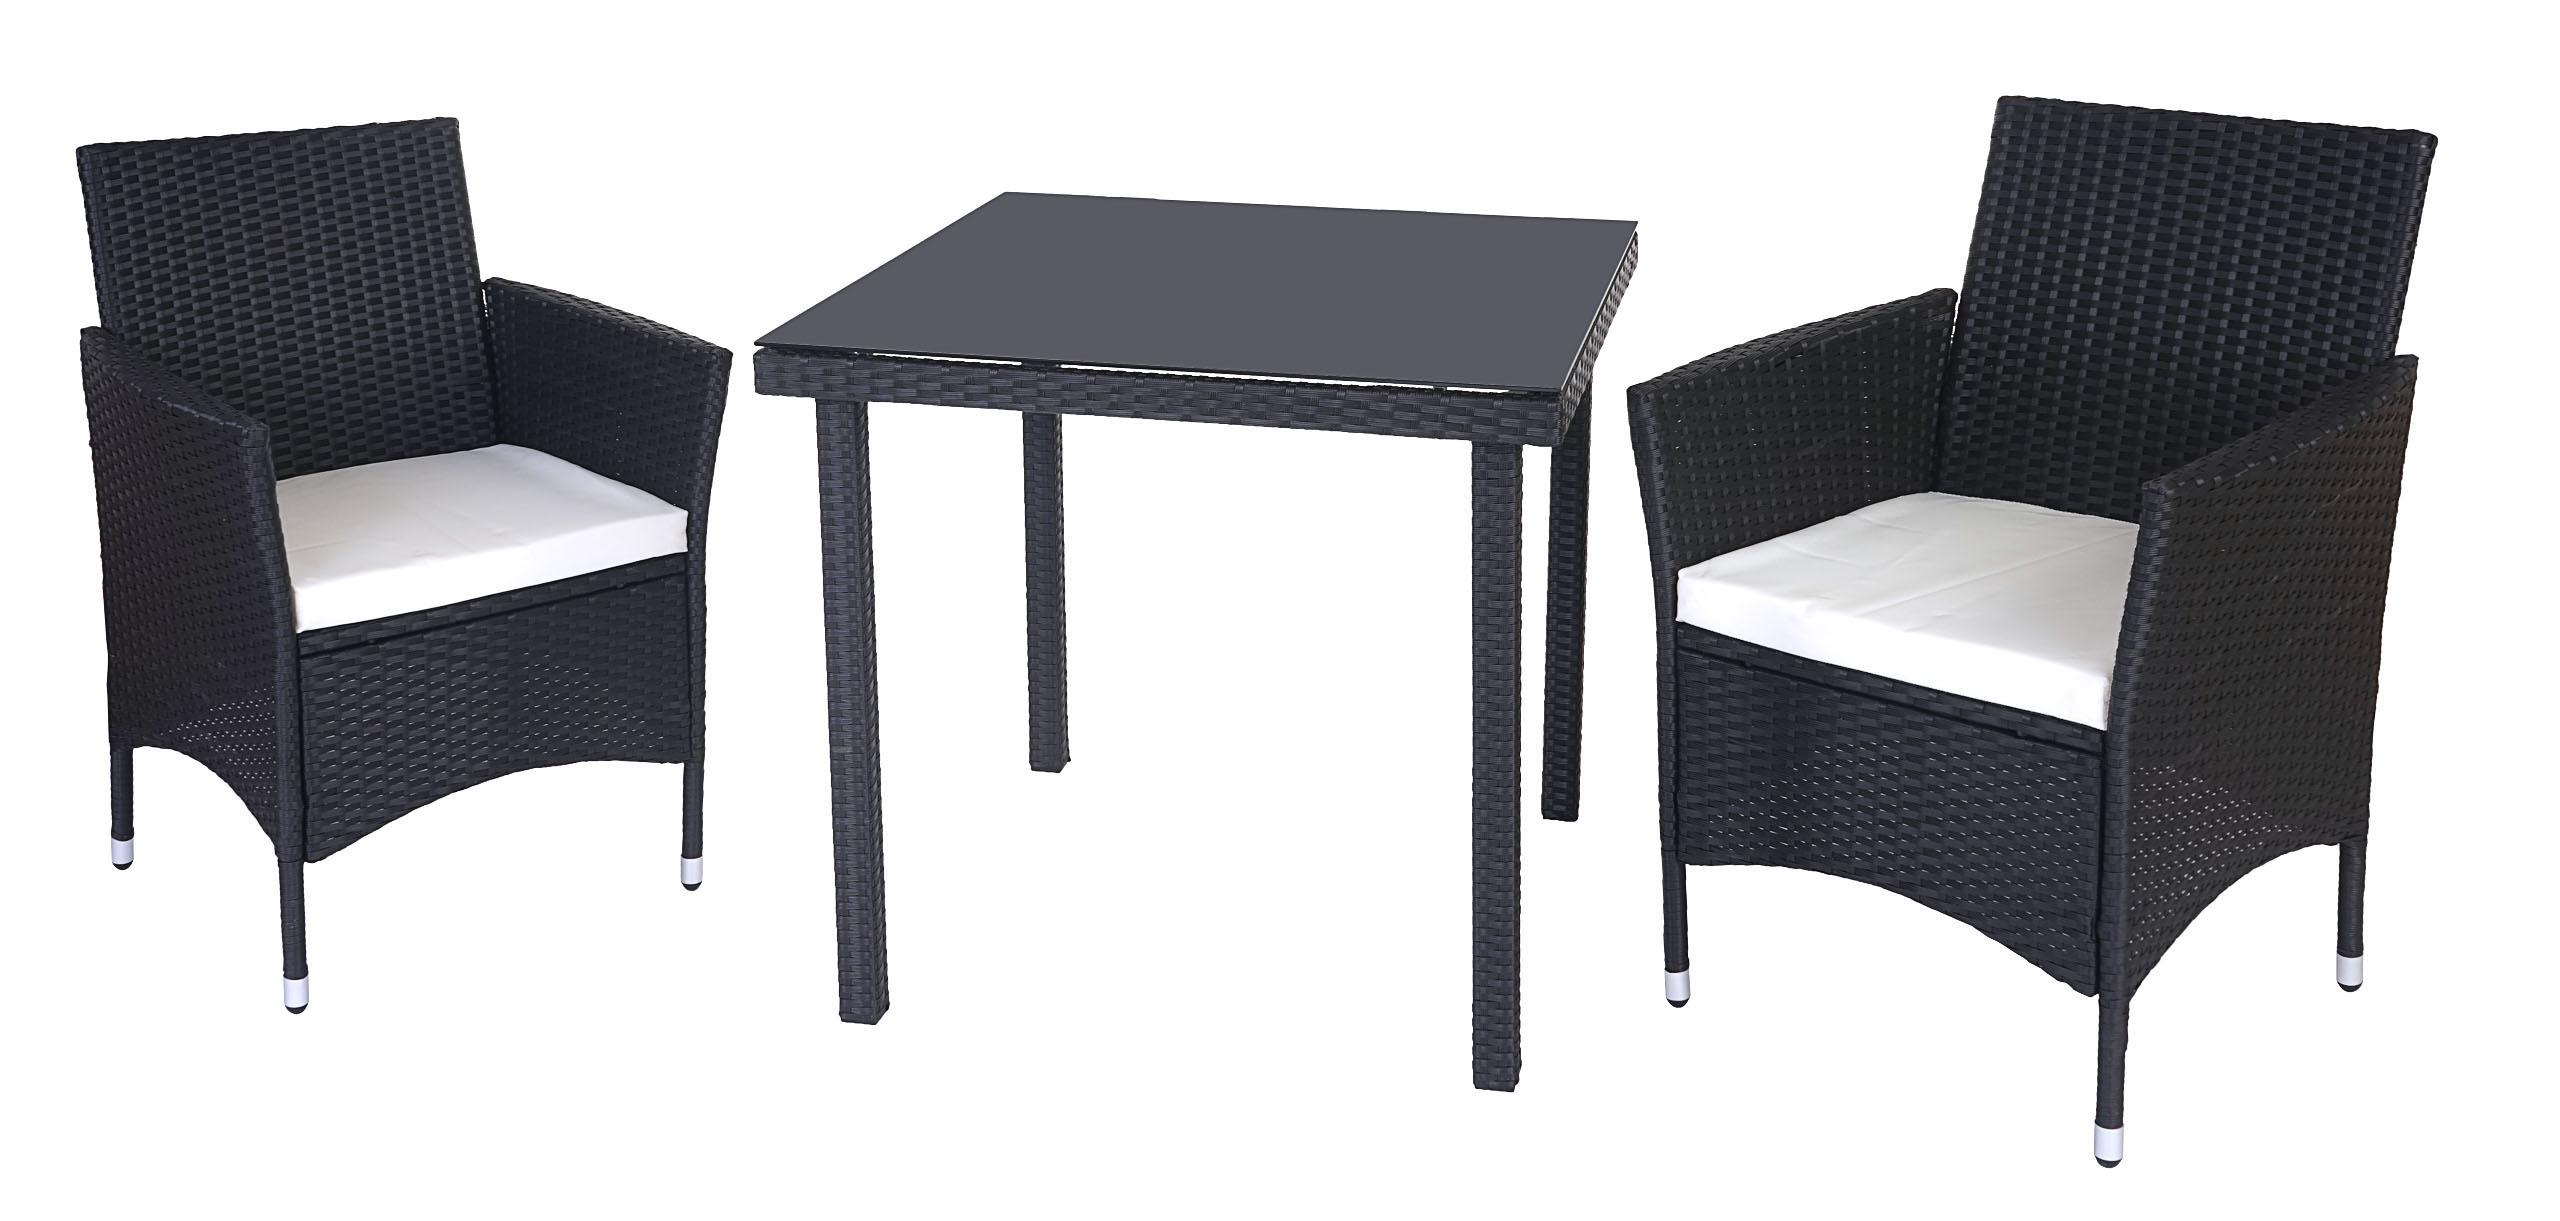 poly rattan garten garnitur modica 2x sessel sitzkissen tisch mit glasplatte ebay. Black Bedroom Furniture Sets. Home Design Ideas